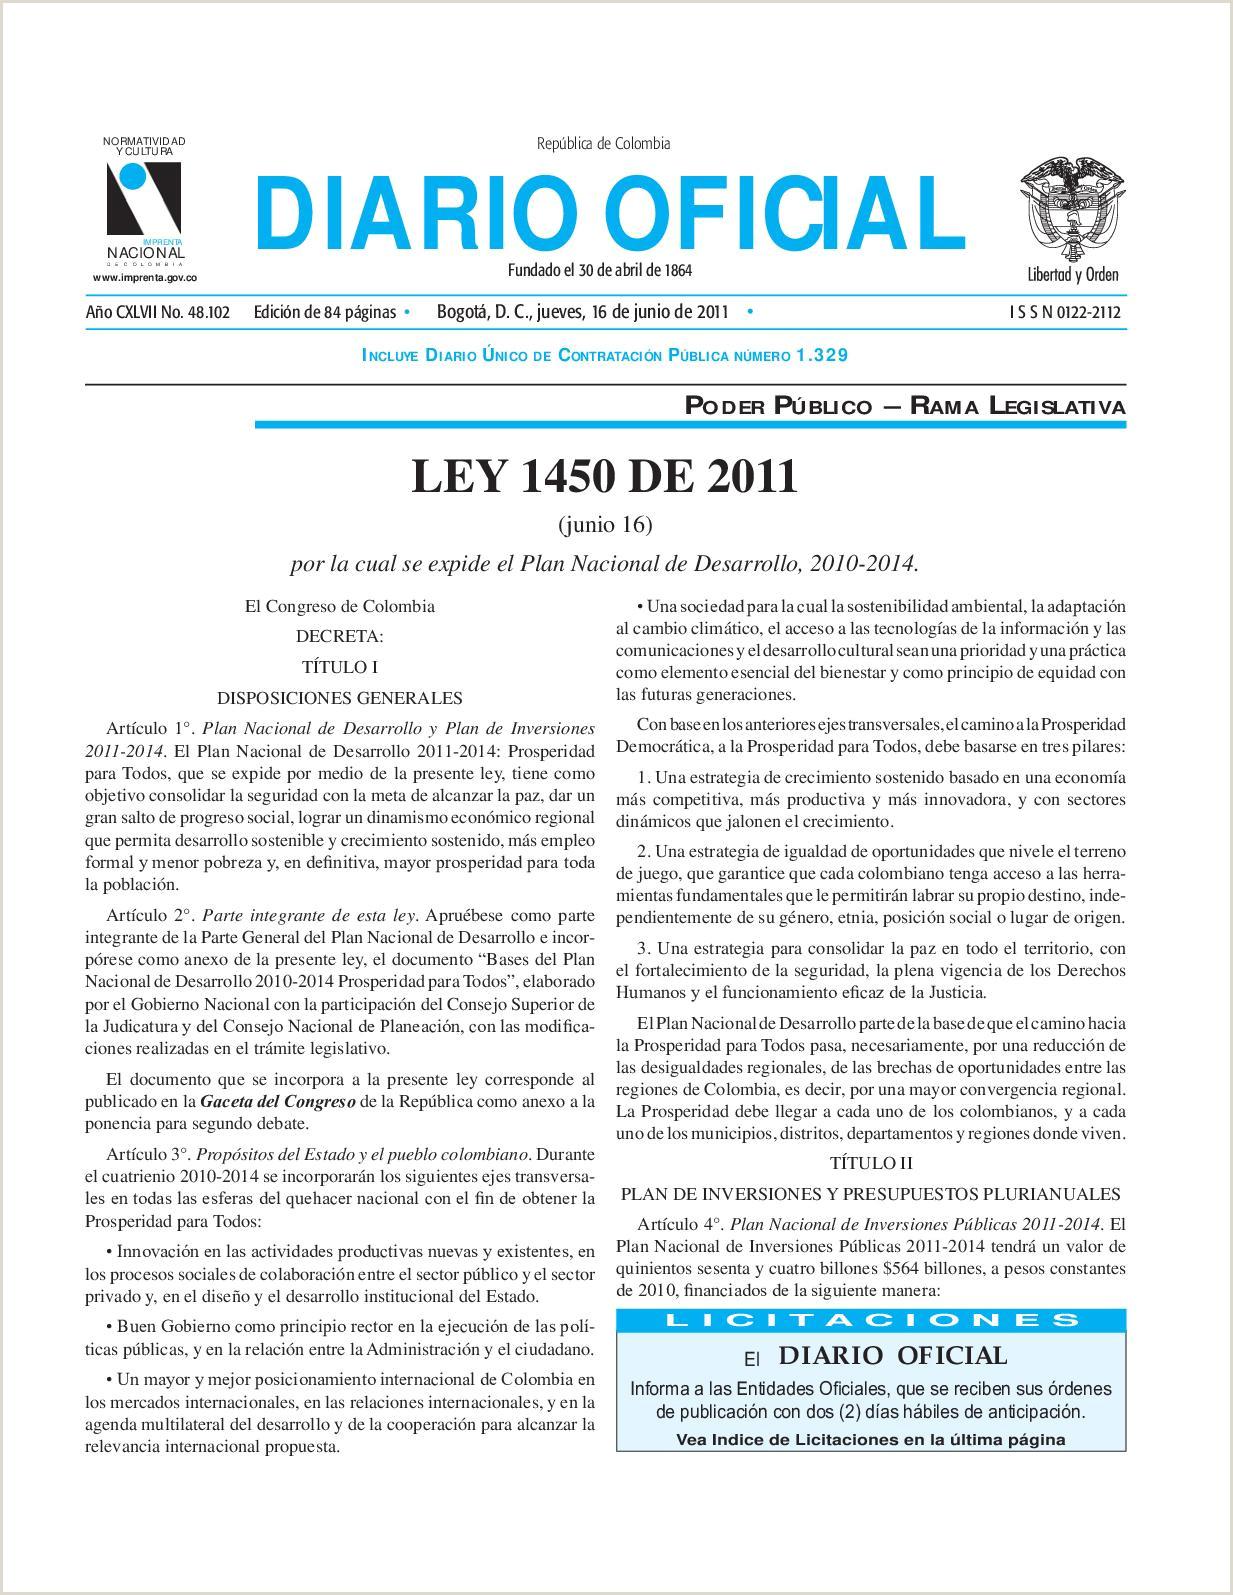 Formato Hoja De Vida Para Judicatura Calaméo Ley 1450 De 2011